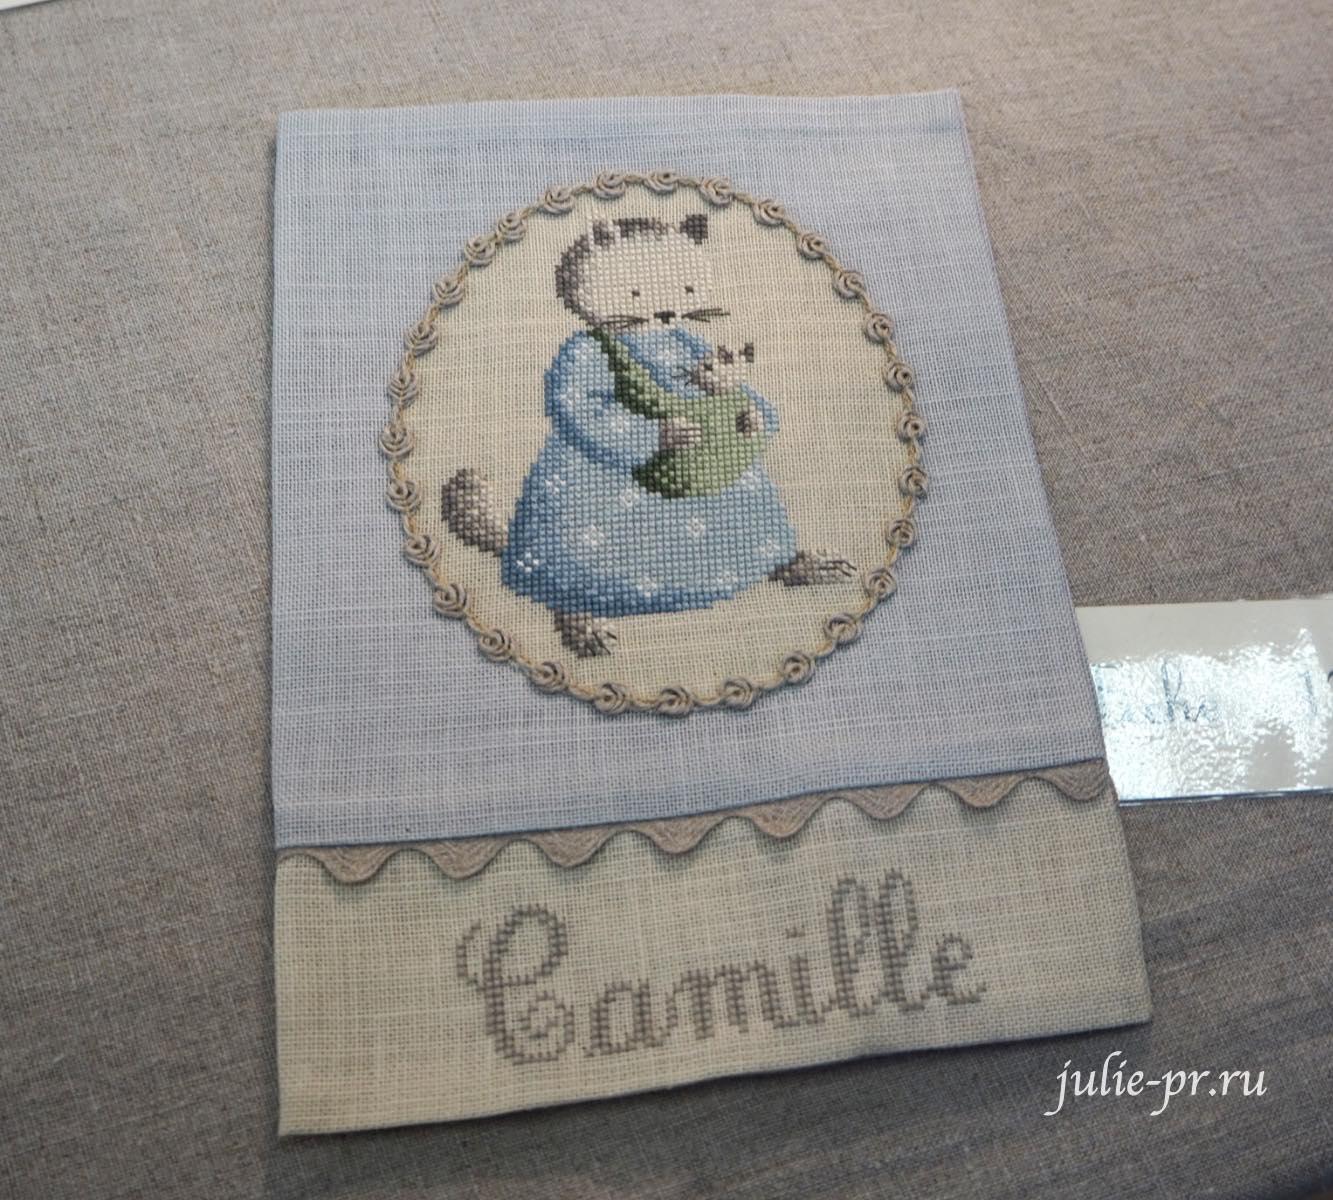 Le lin d'Isabelle, вышивка крестом, Création autour du fil